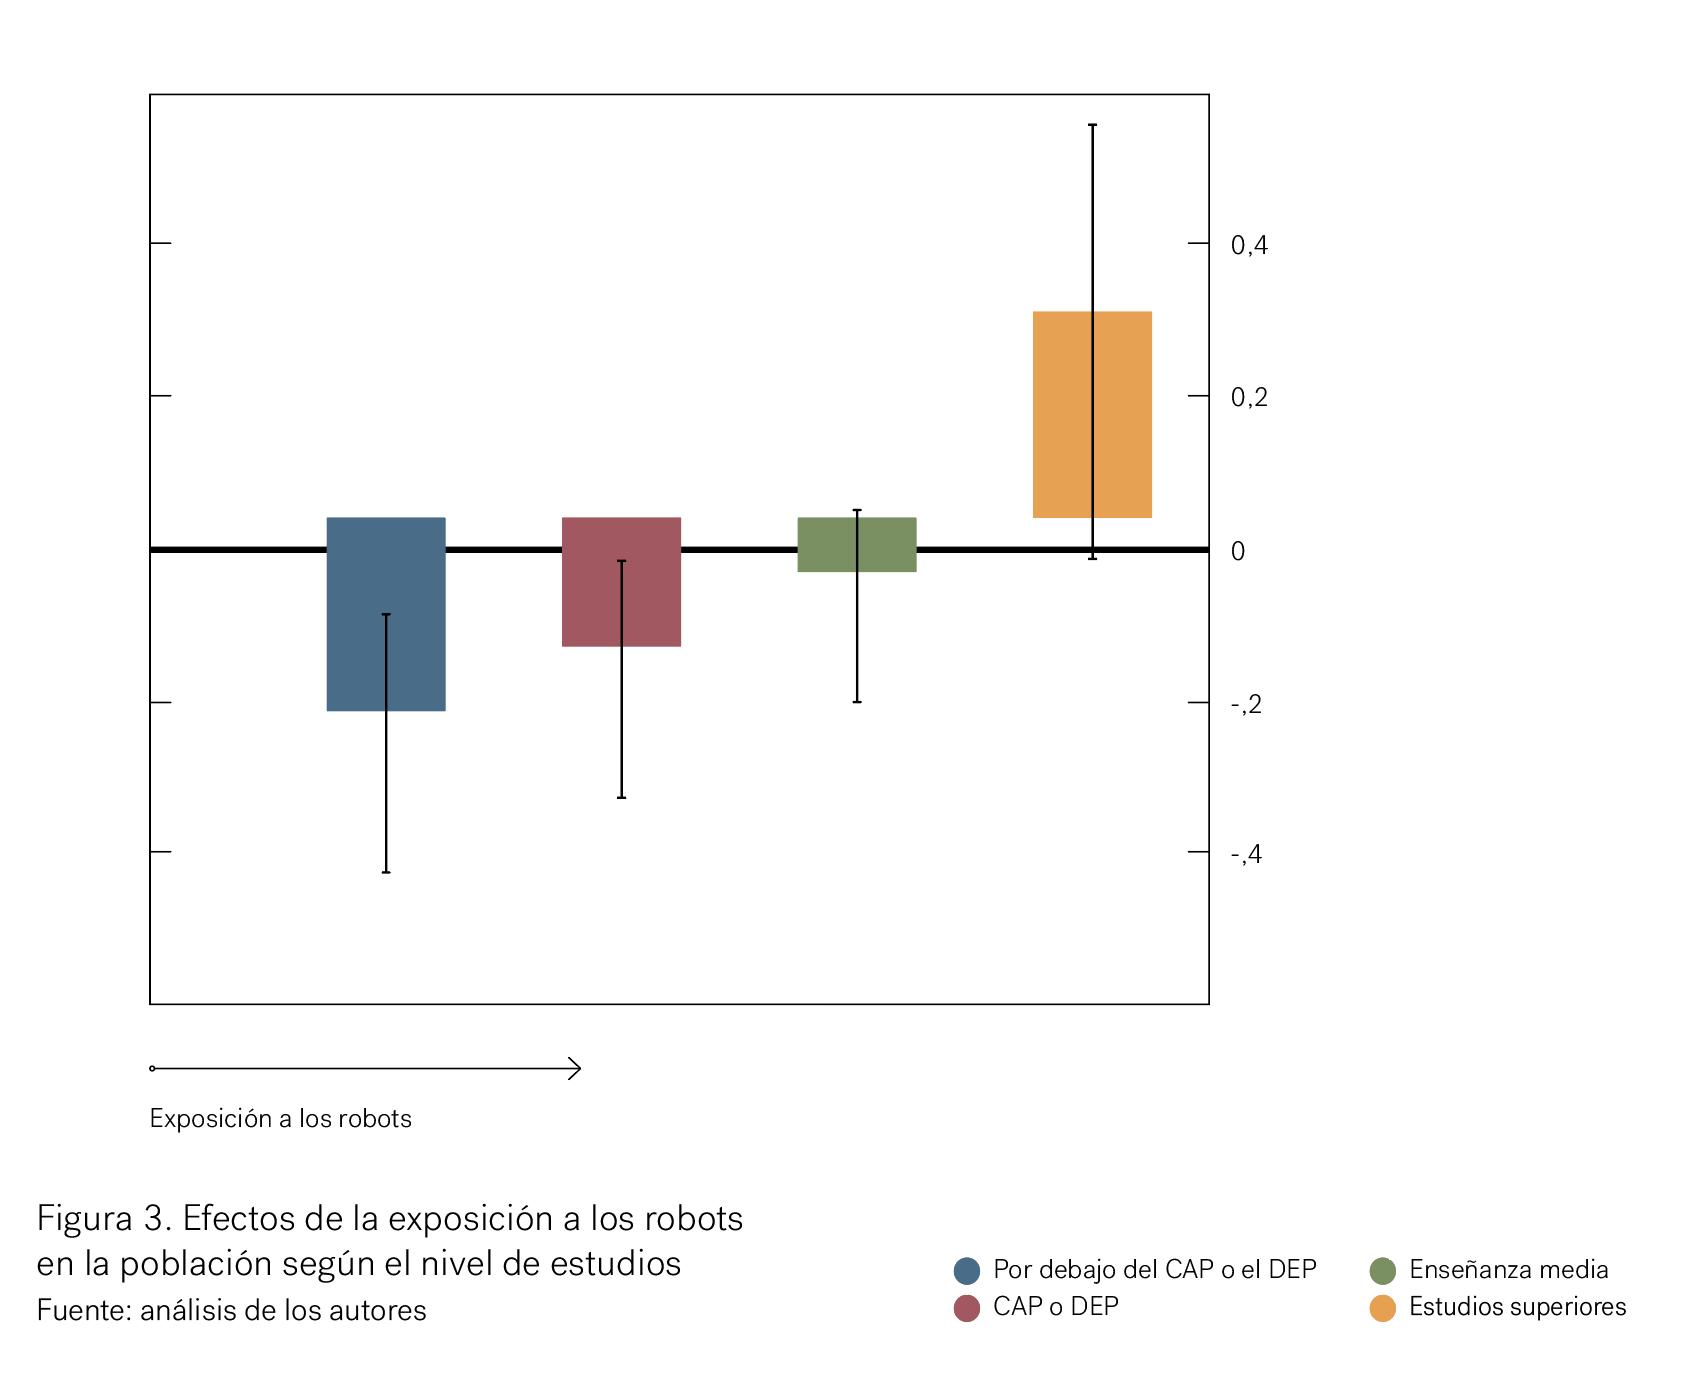 Efectos de la exposición de los robots en la población según nivel de estudios